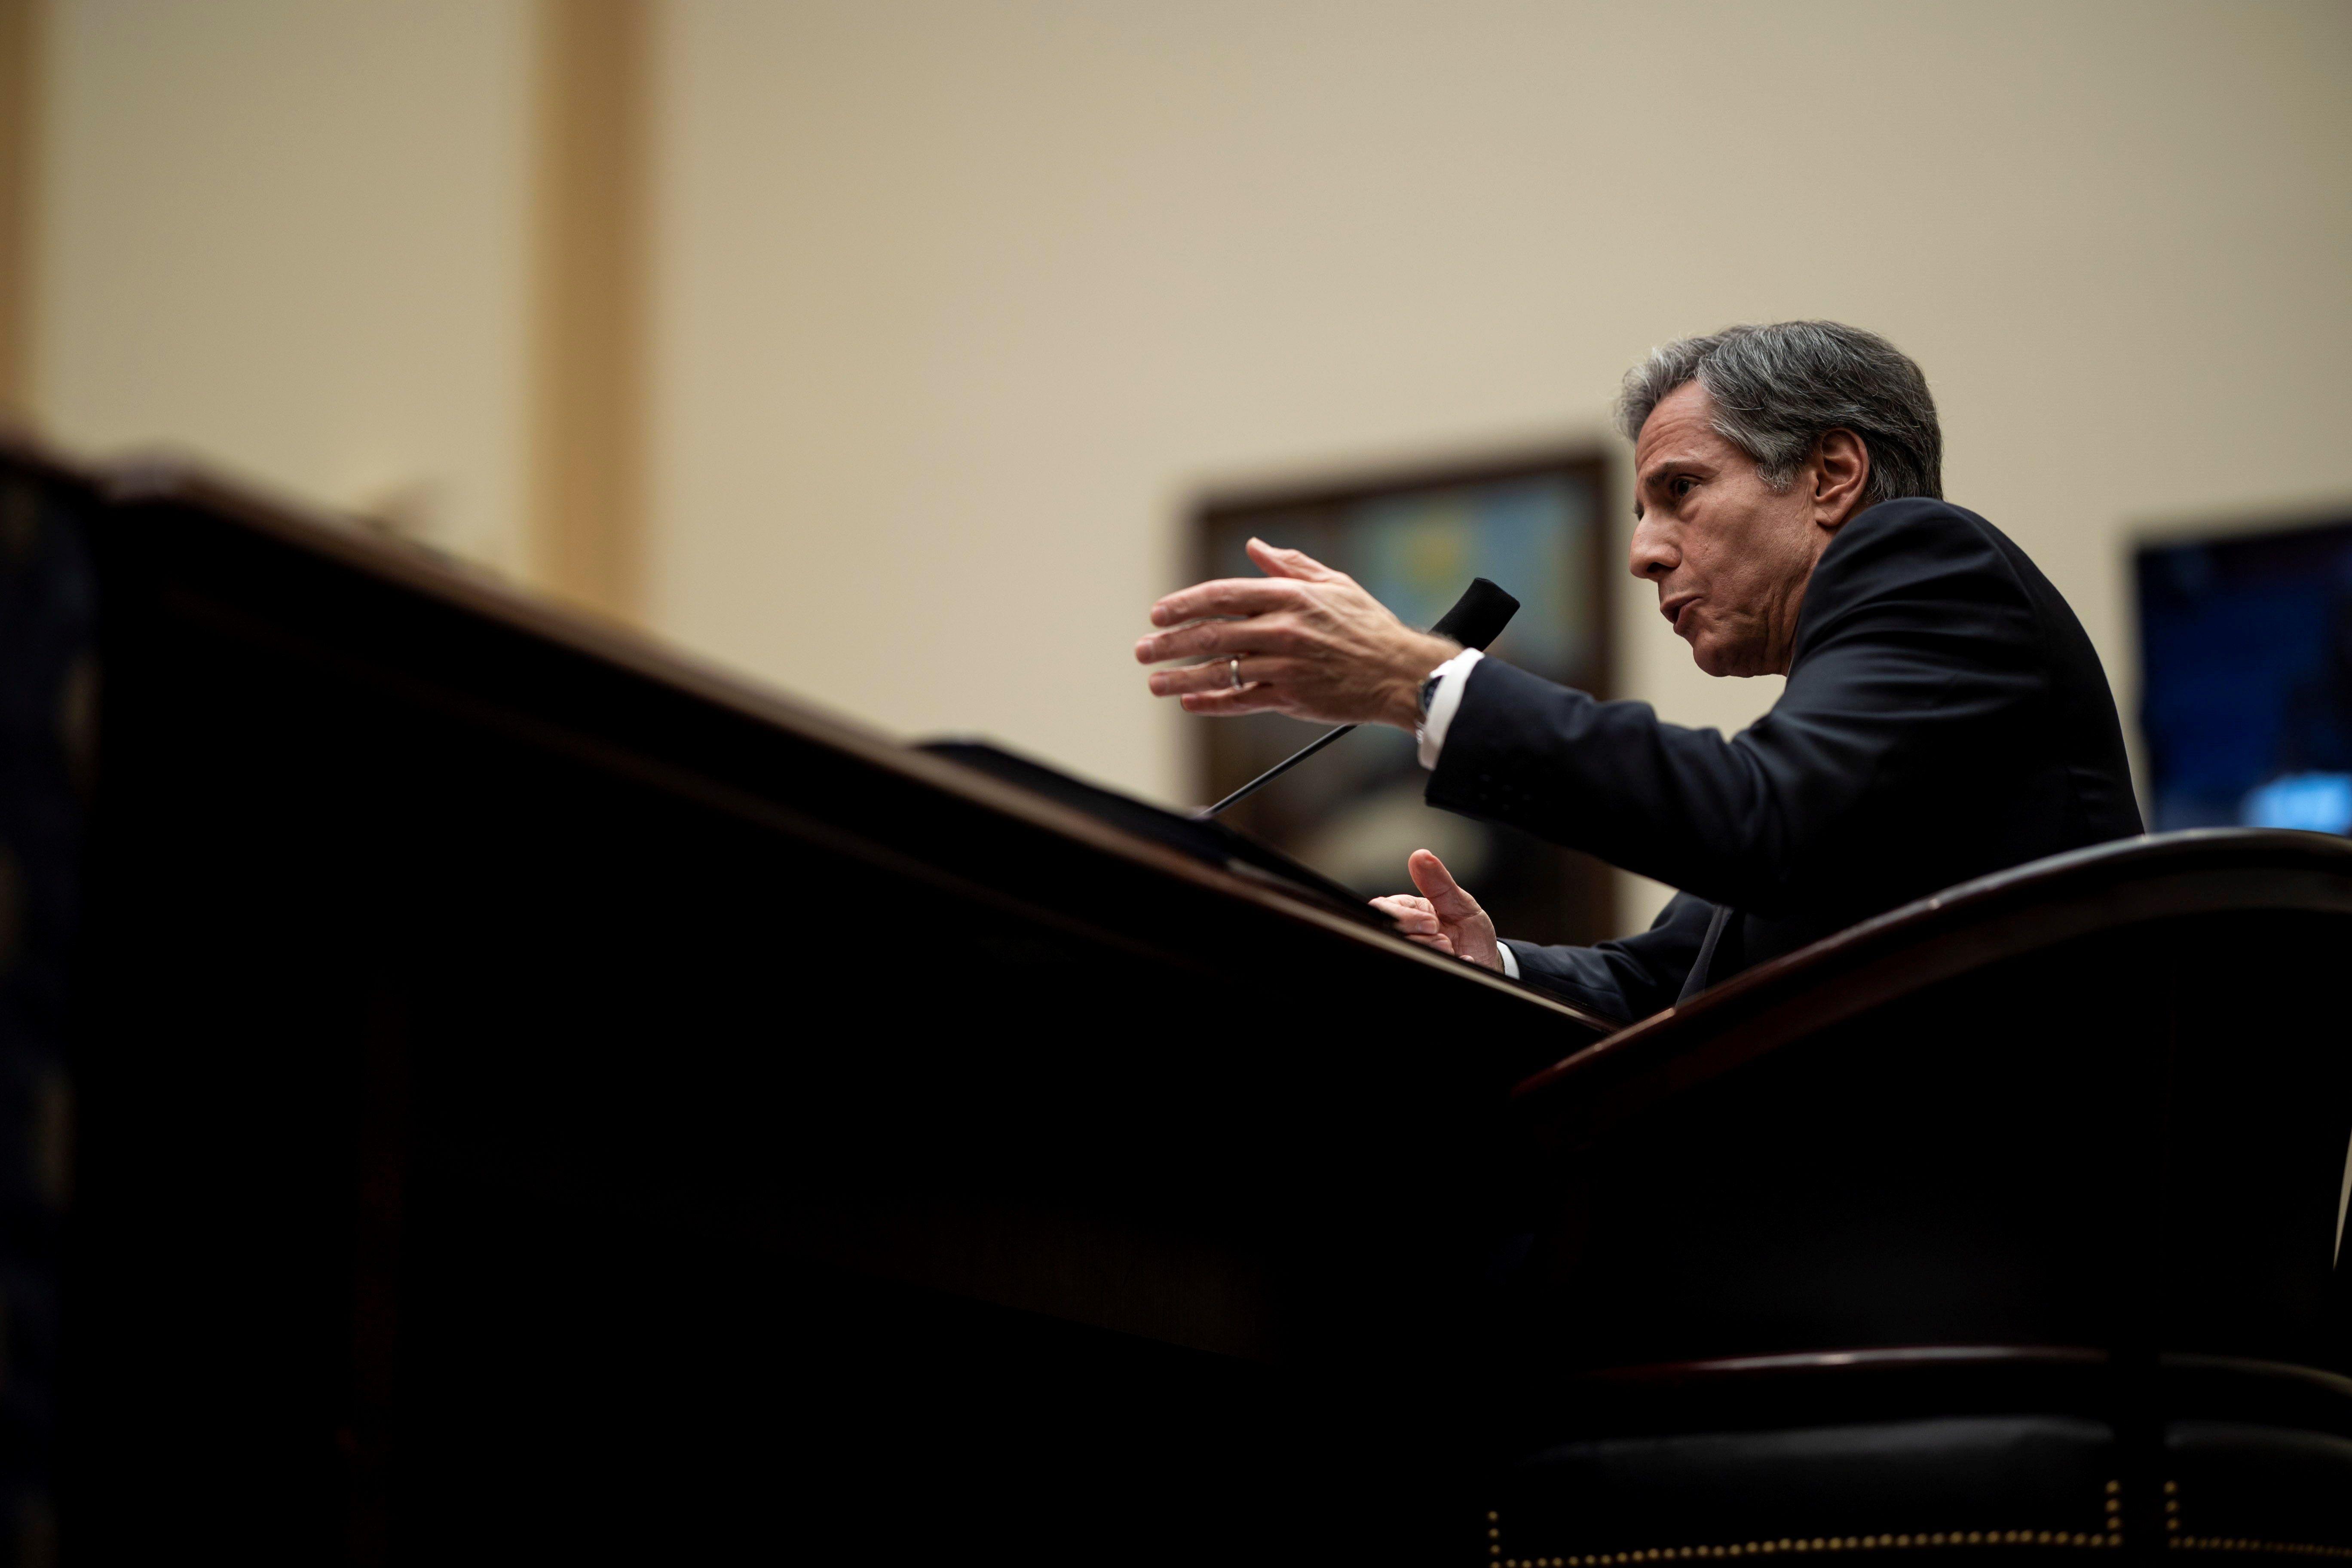 El secretario de Estado de EE.UU., Antony Blinken, fue registrado este miércoles, al intervenir en una sesión del Congreso de su país, en Washington DC